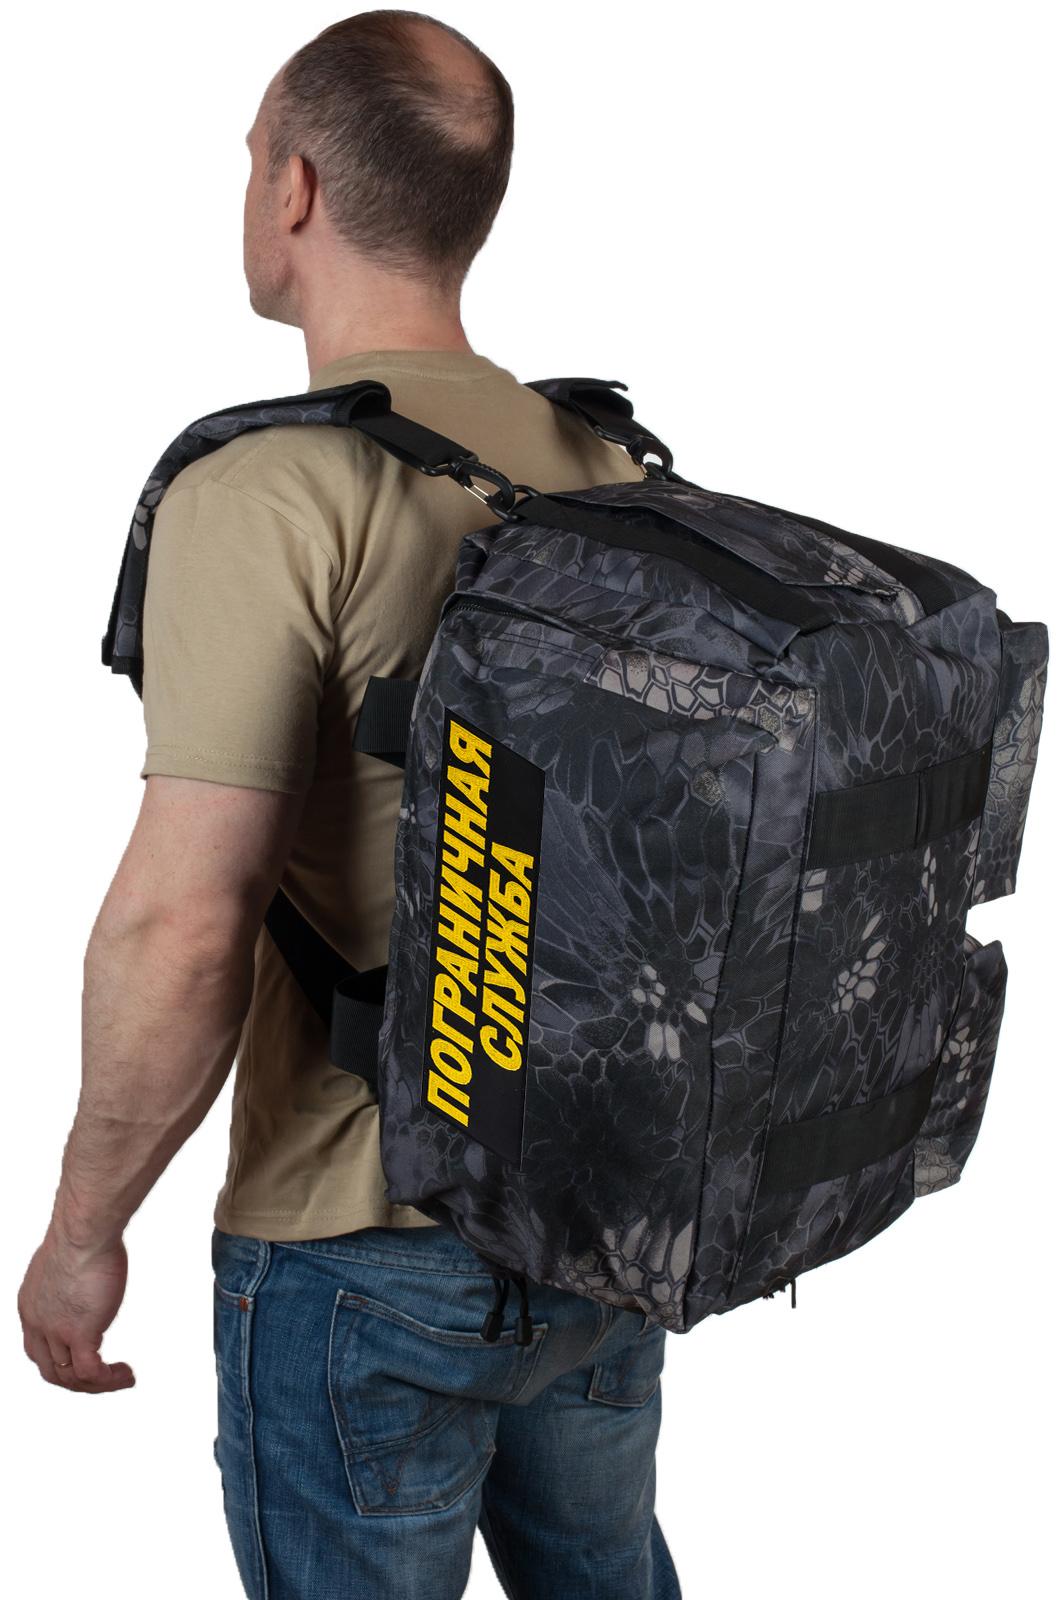 Купить военную дорожную сумку с нашивкой Пограничная Служба по специальной цене